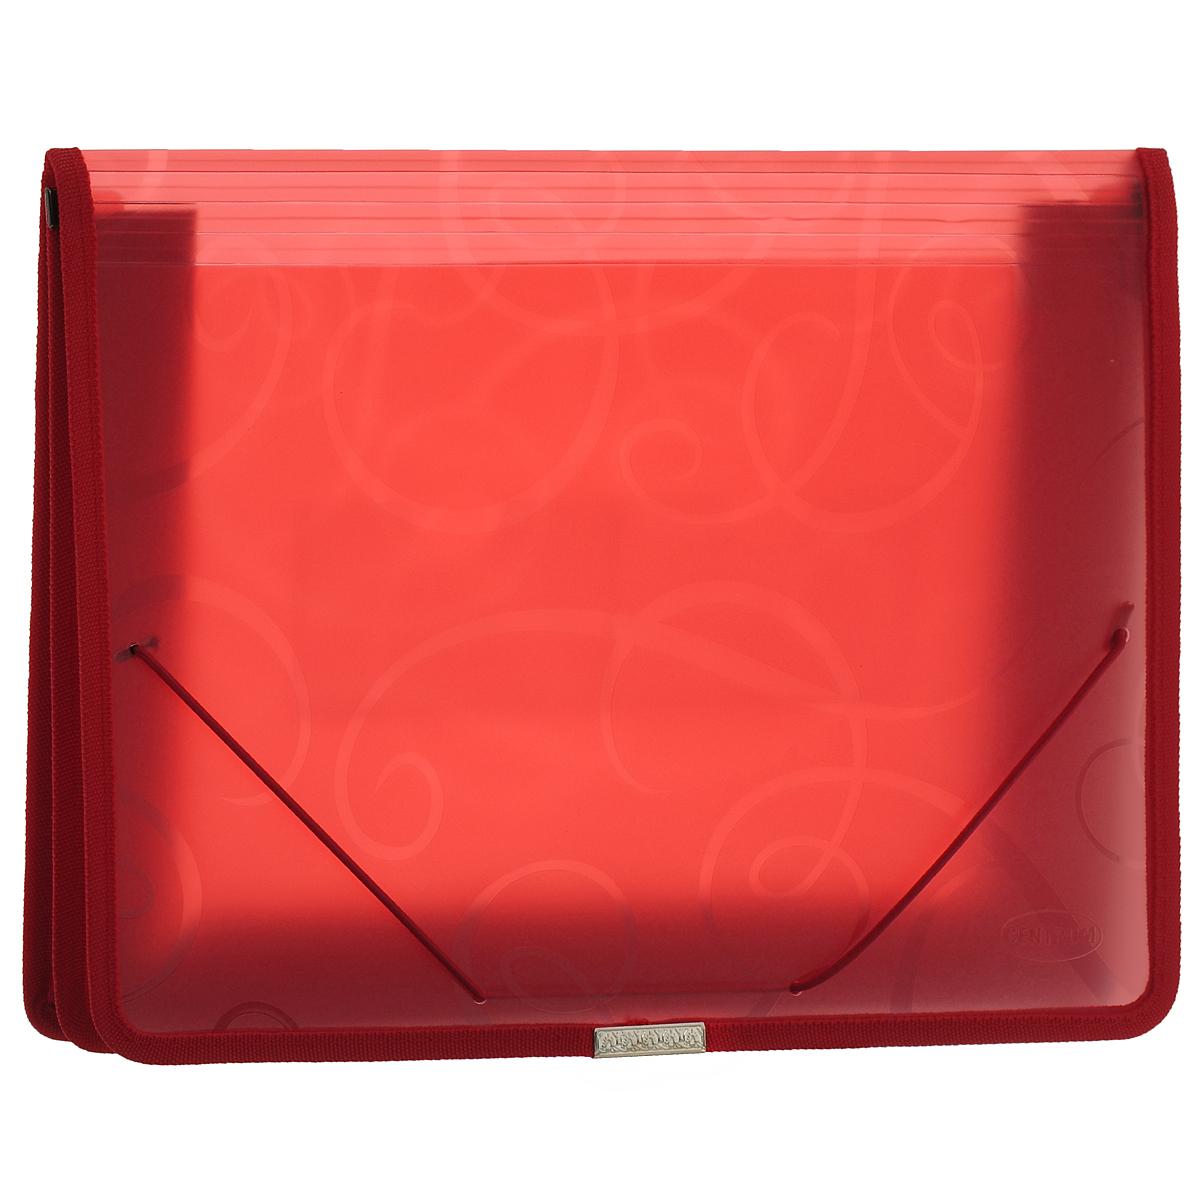 Centrum Папка-конверт на резинке цвет красный80802КПапка-конверт на резинке Centrum - это удобный и функциональный офисный инструмент, предназначенный для хранения и транспортировки рабочих бумаг и документов формата А4. Папка с двойной угловой фиксацией резиновой лентой изготовлена из износостойкого полупрозрачного полипропилена. Внутри папка имеет одно объемное отделение повышенной вместимости и 2 прозрачных открытых кармашка. Грани папки отделаны полиэстером, что обеспечивает дополнительную прочность и опрятный вид папки. Клапан украшен декоративным металлическим элементом. Папка оформлена тиснением в виде абстрактного орнамента. Папка - это незаменимый атрибут для студента, школьника, офисного работника. Такая папка надежно сохранит ваши документы и сбережет их от повреждений, пыли и влаги.